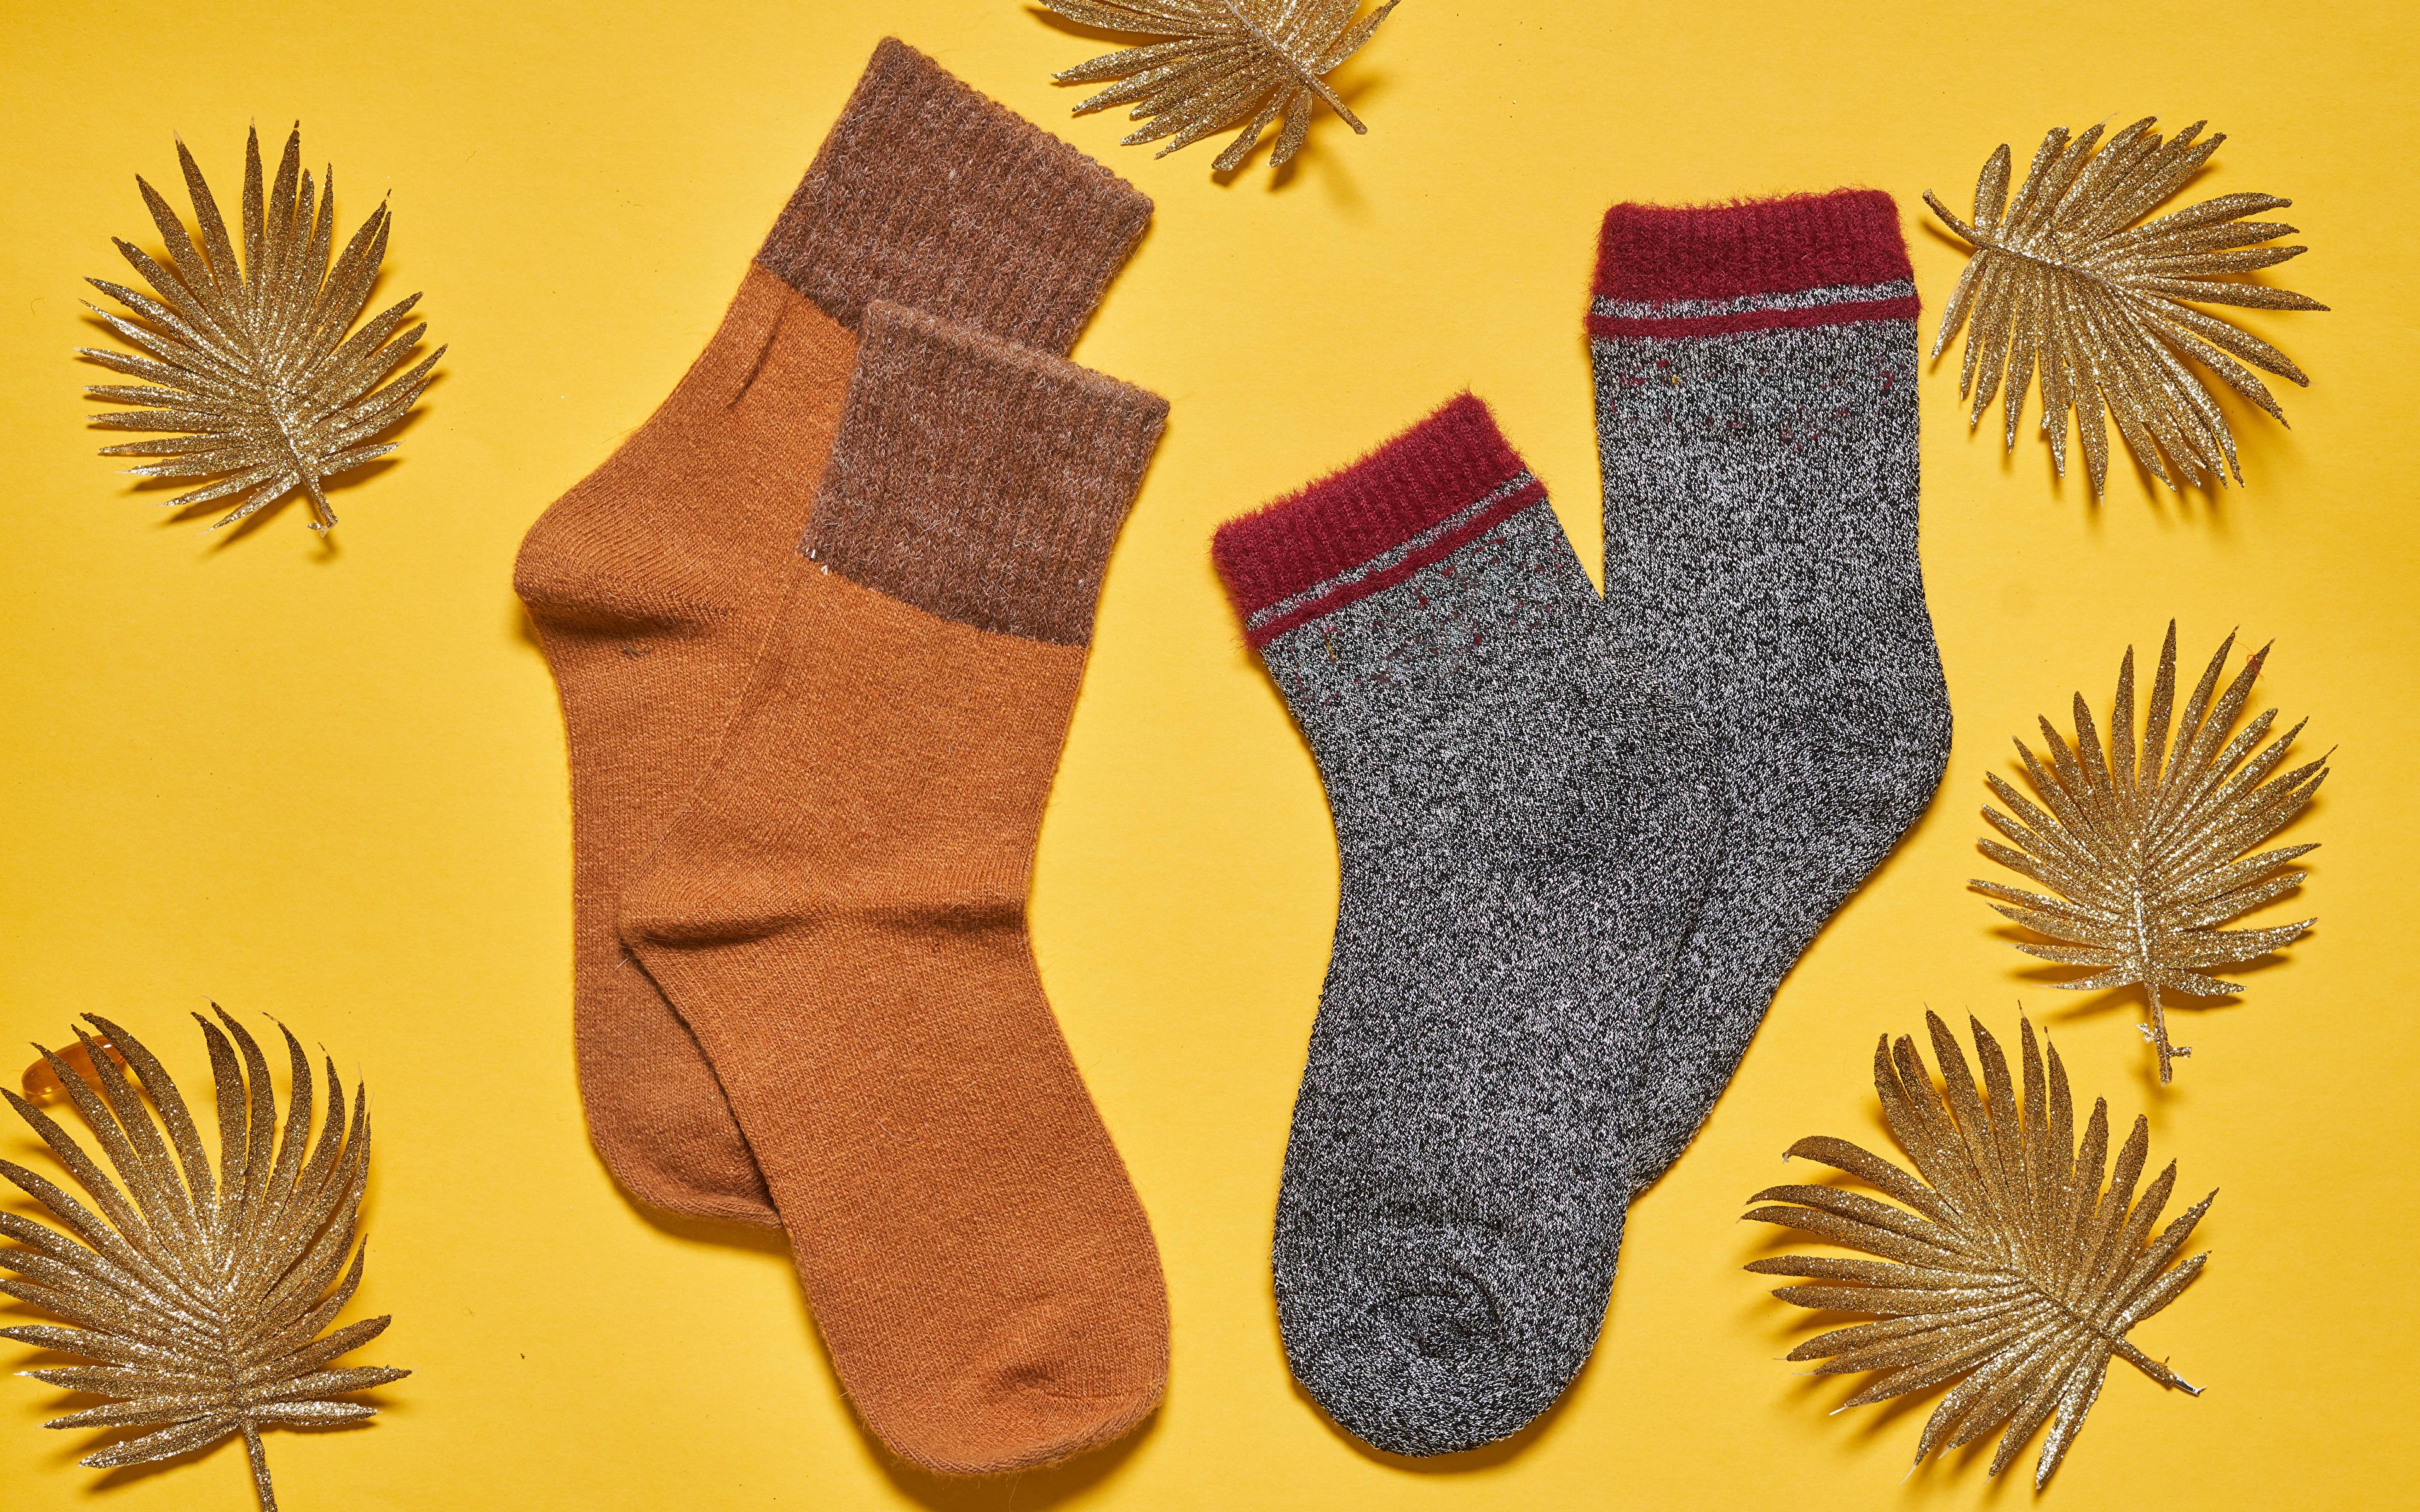 Bilder Blatt Socken Herbst Farbigen hintergrund 3840x2400 Blattwerk